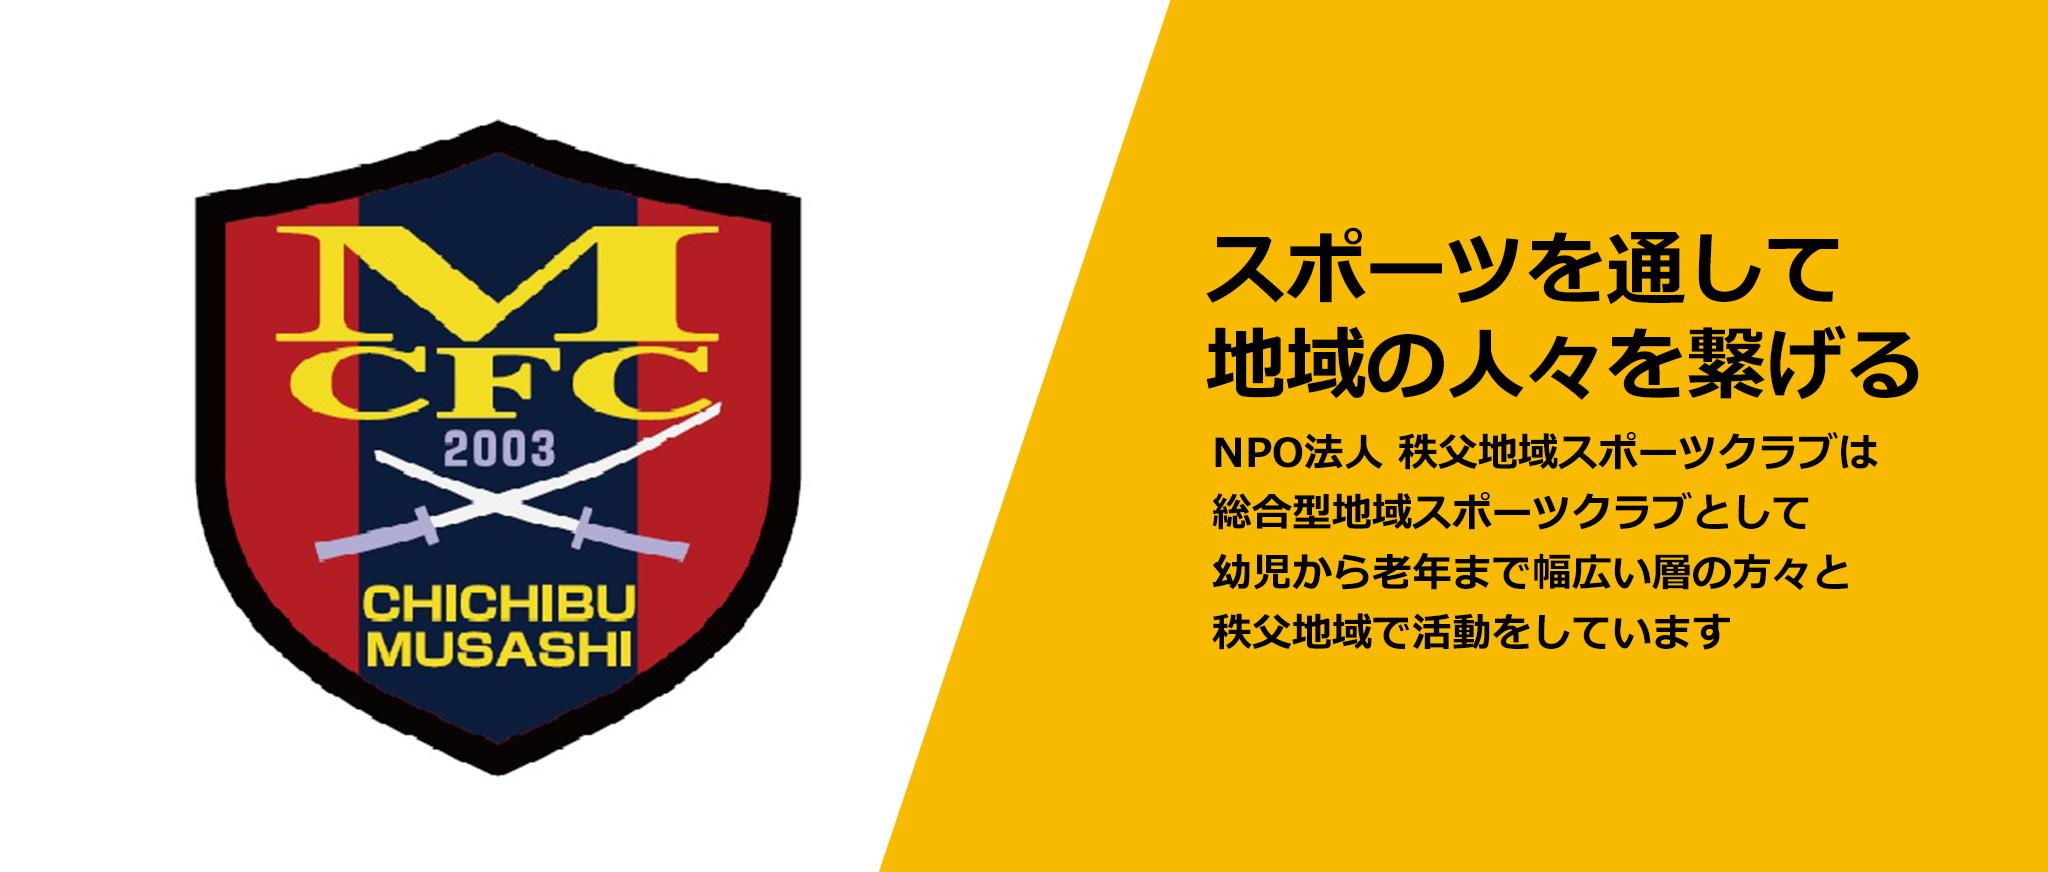 秩父地域スポーツクラブ:メインイメージ